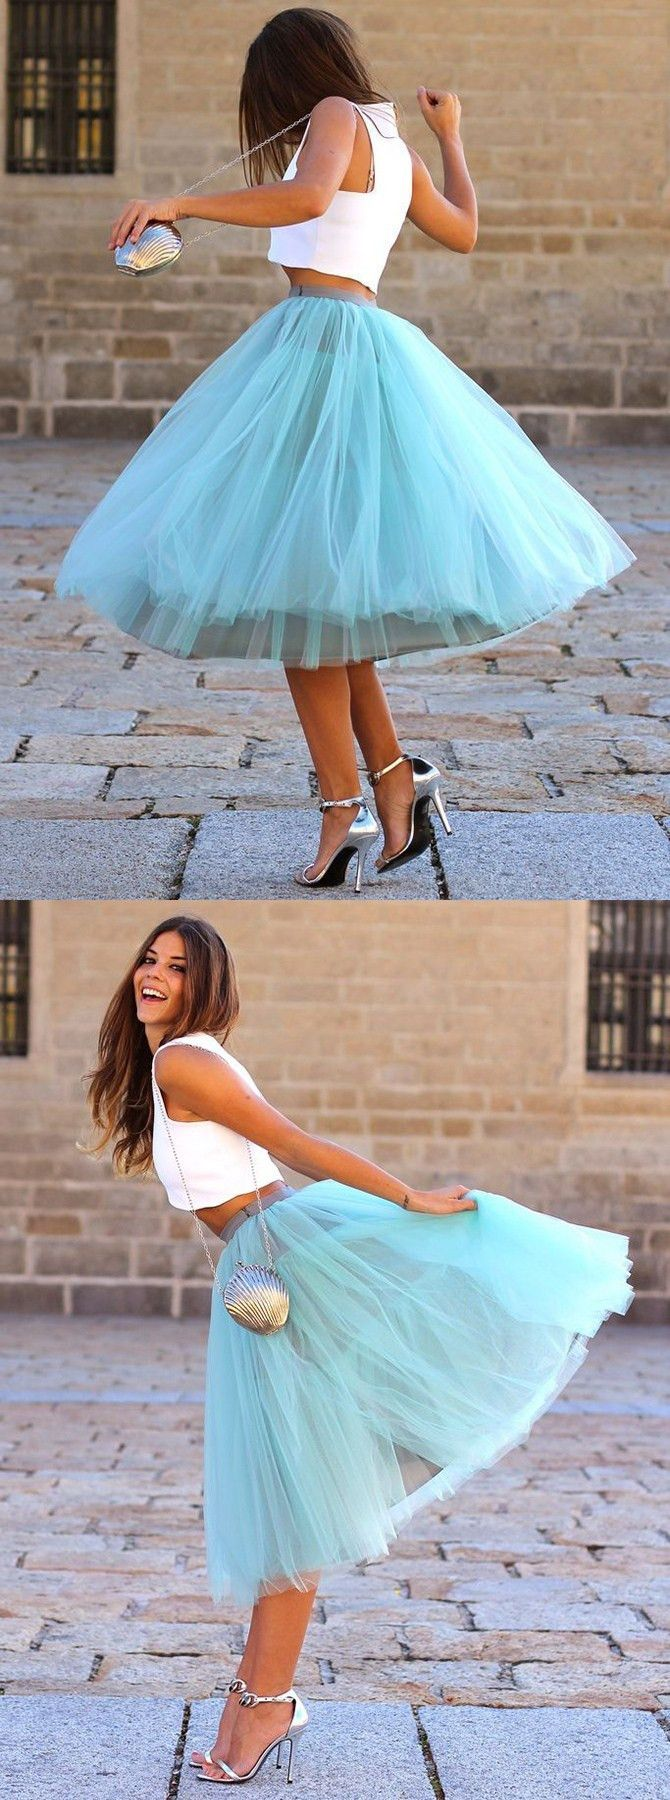 party dresses, chic 2 pieces tutu dresses, tutu skirt, cheap fashion party dresses